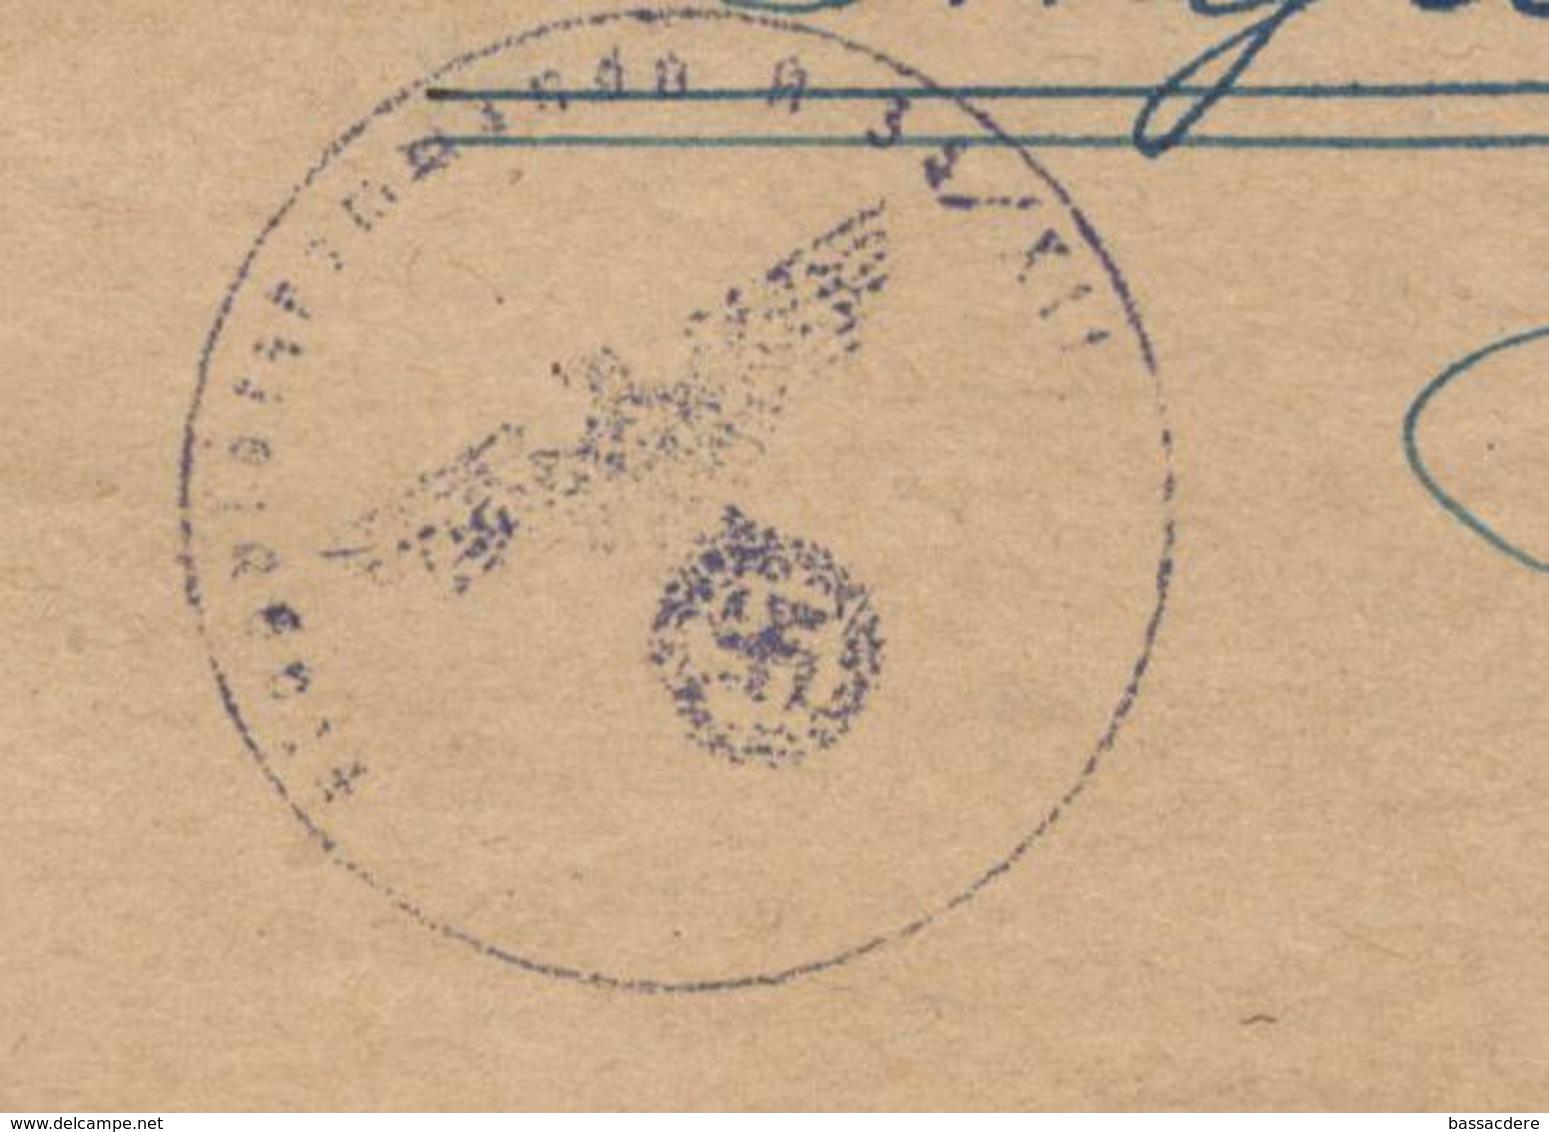 14332 - FLUGPLATZKOMMANDO W 34 / XII - Allemagne